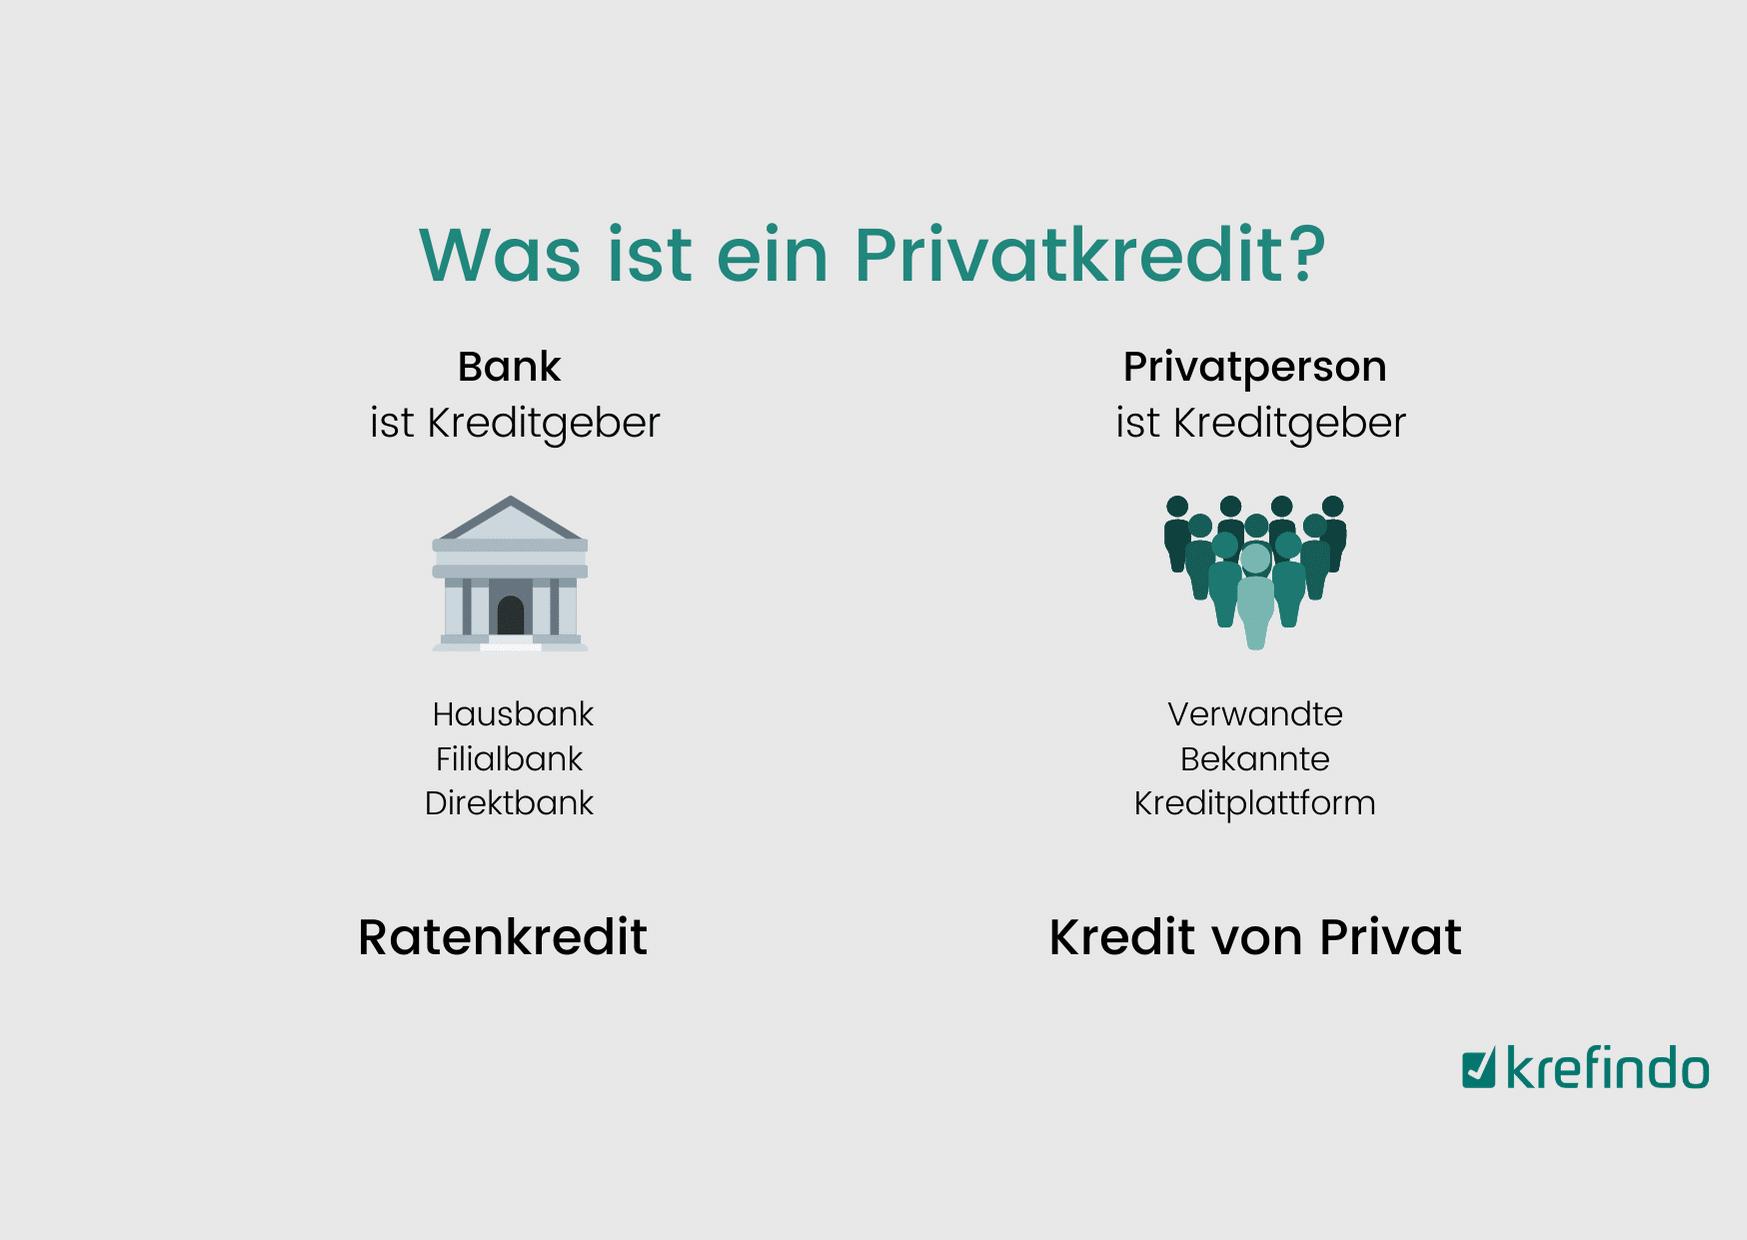 Was ist der Unterschied zwischen einem Privatkredit und einem Kredit von Privat?